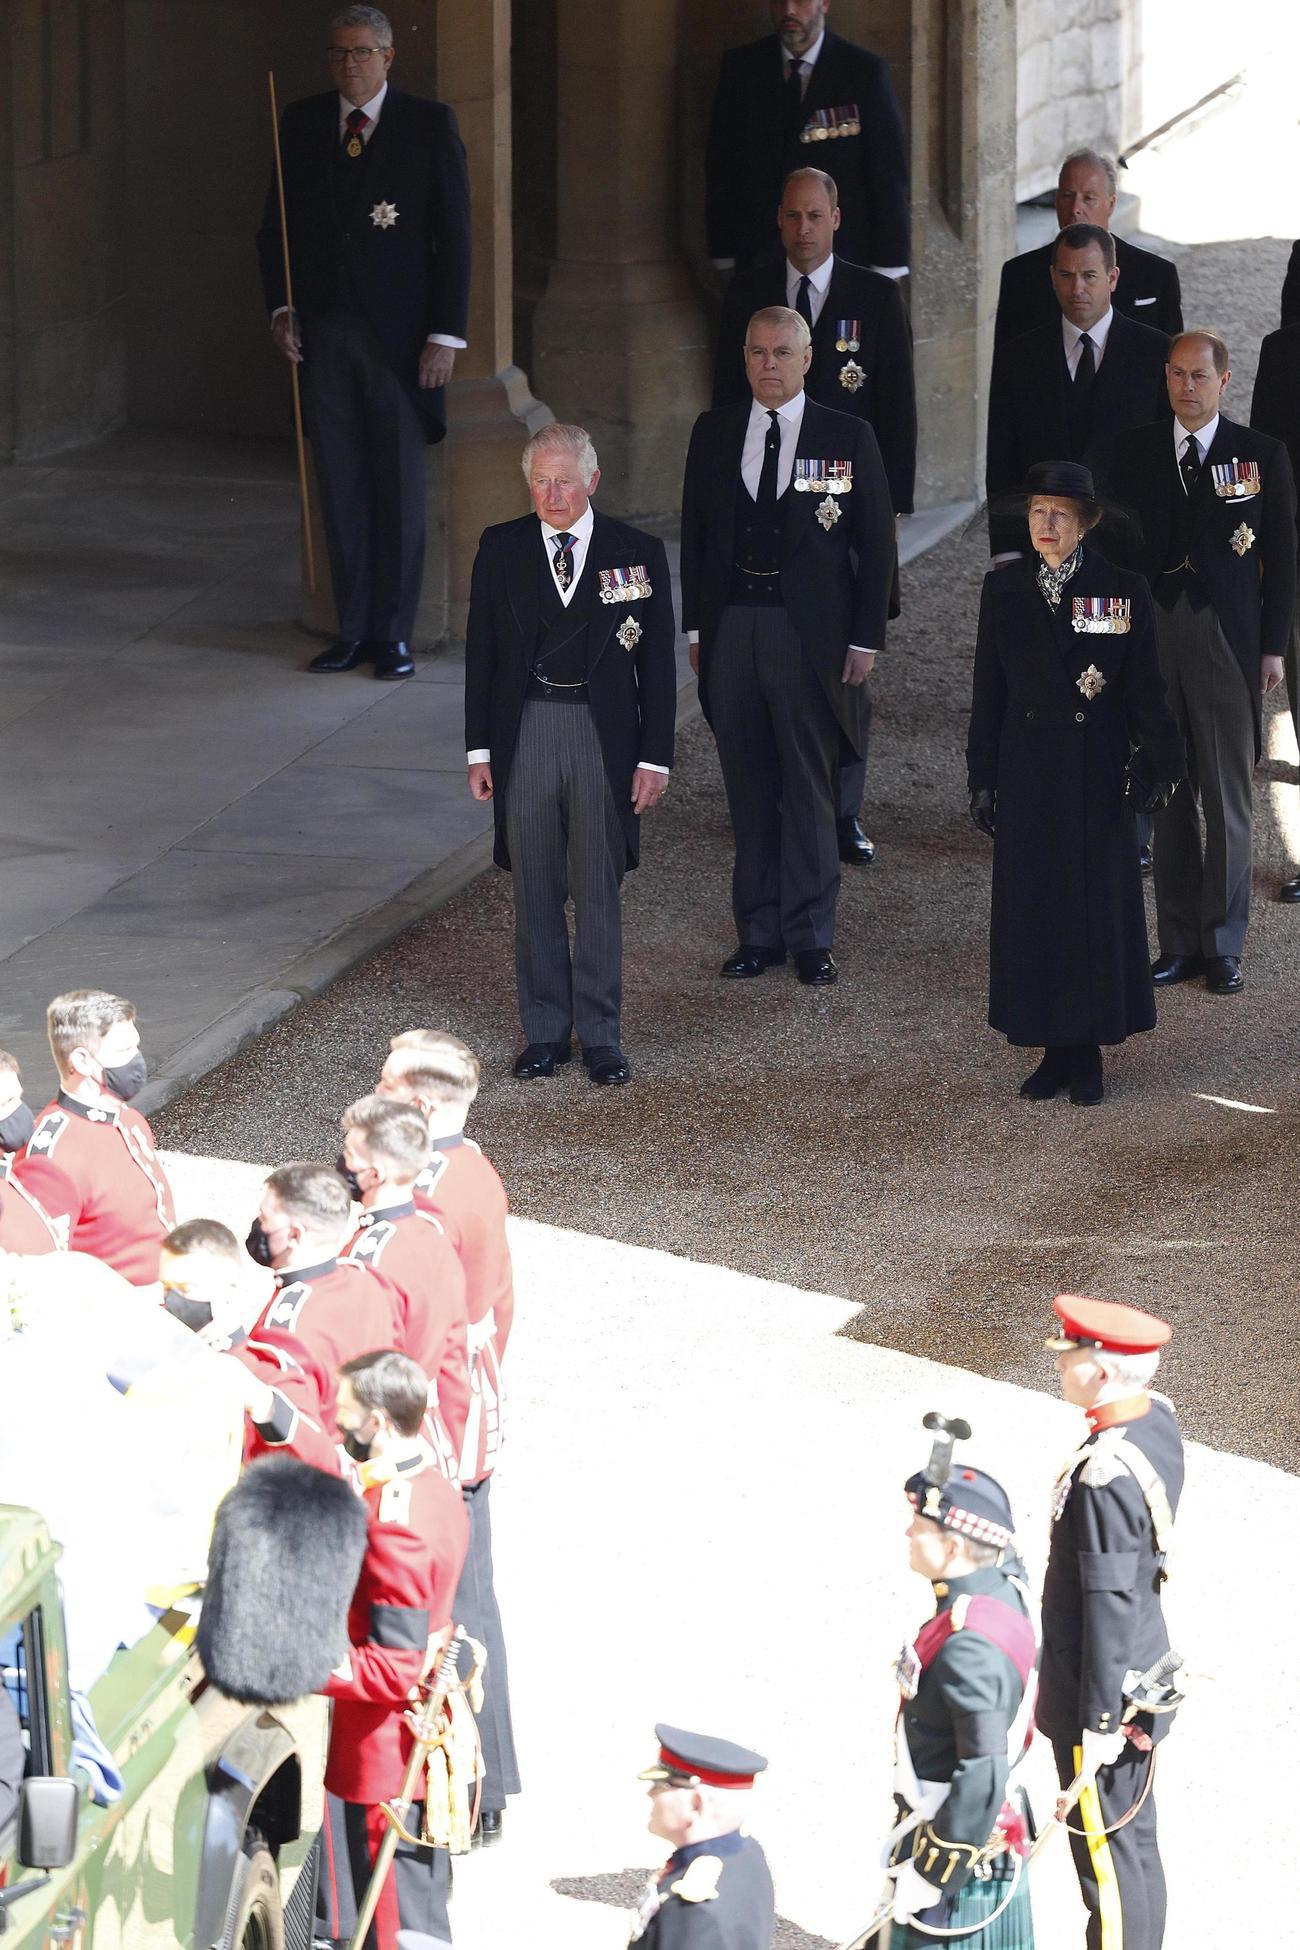 17日、英ロンドン郊外ウィンザー城で行われたフィリップ殿下の葬儀に参列したチャールズ皇太子ら王室関係者(奥)(ゲッティ=共同)